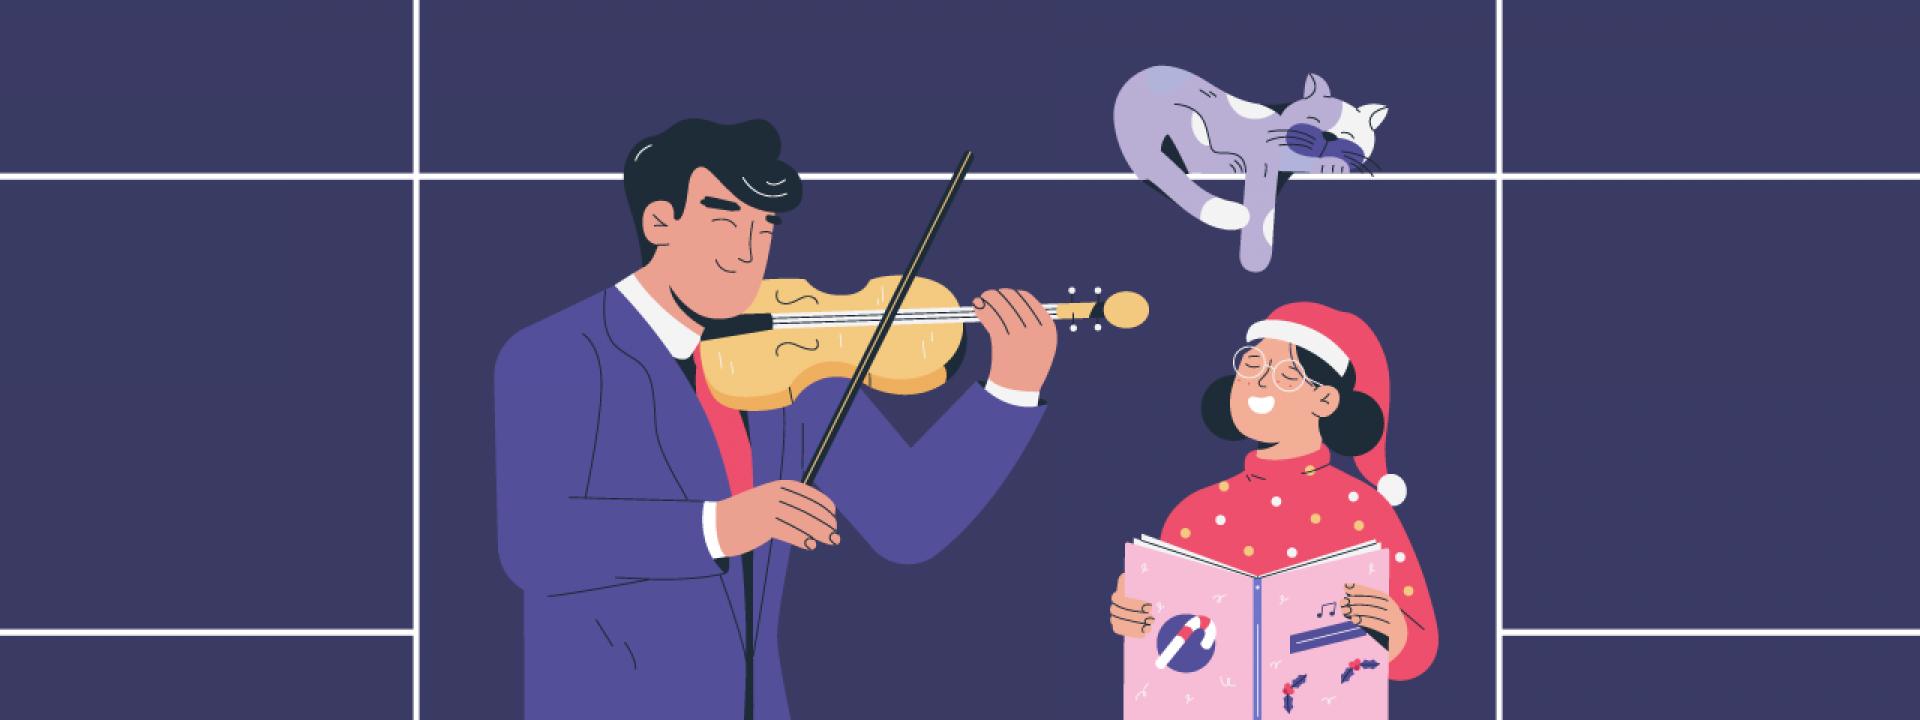 COSMOS: Εθνική Συμφωνική Ορχήστρα της ΕΡΤ  - Εικόνα